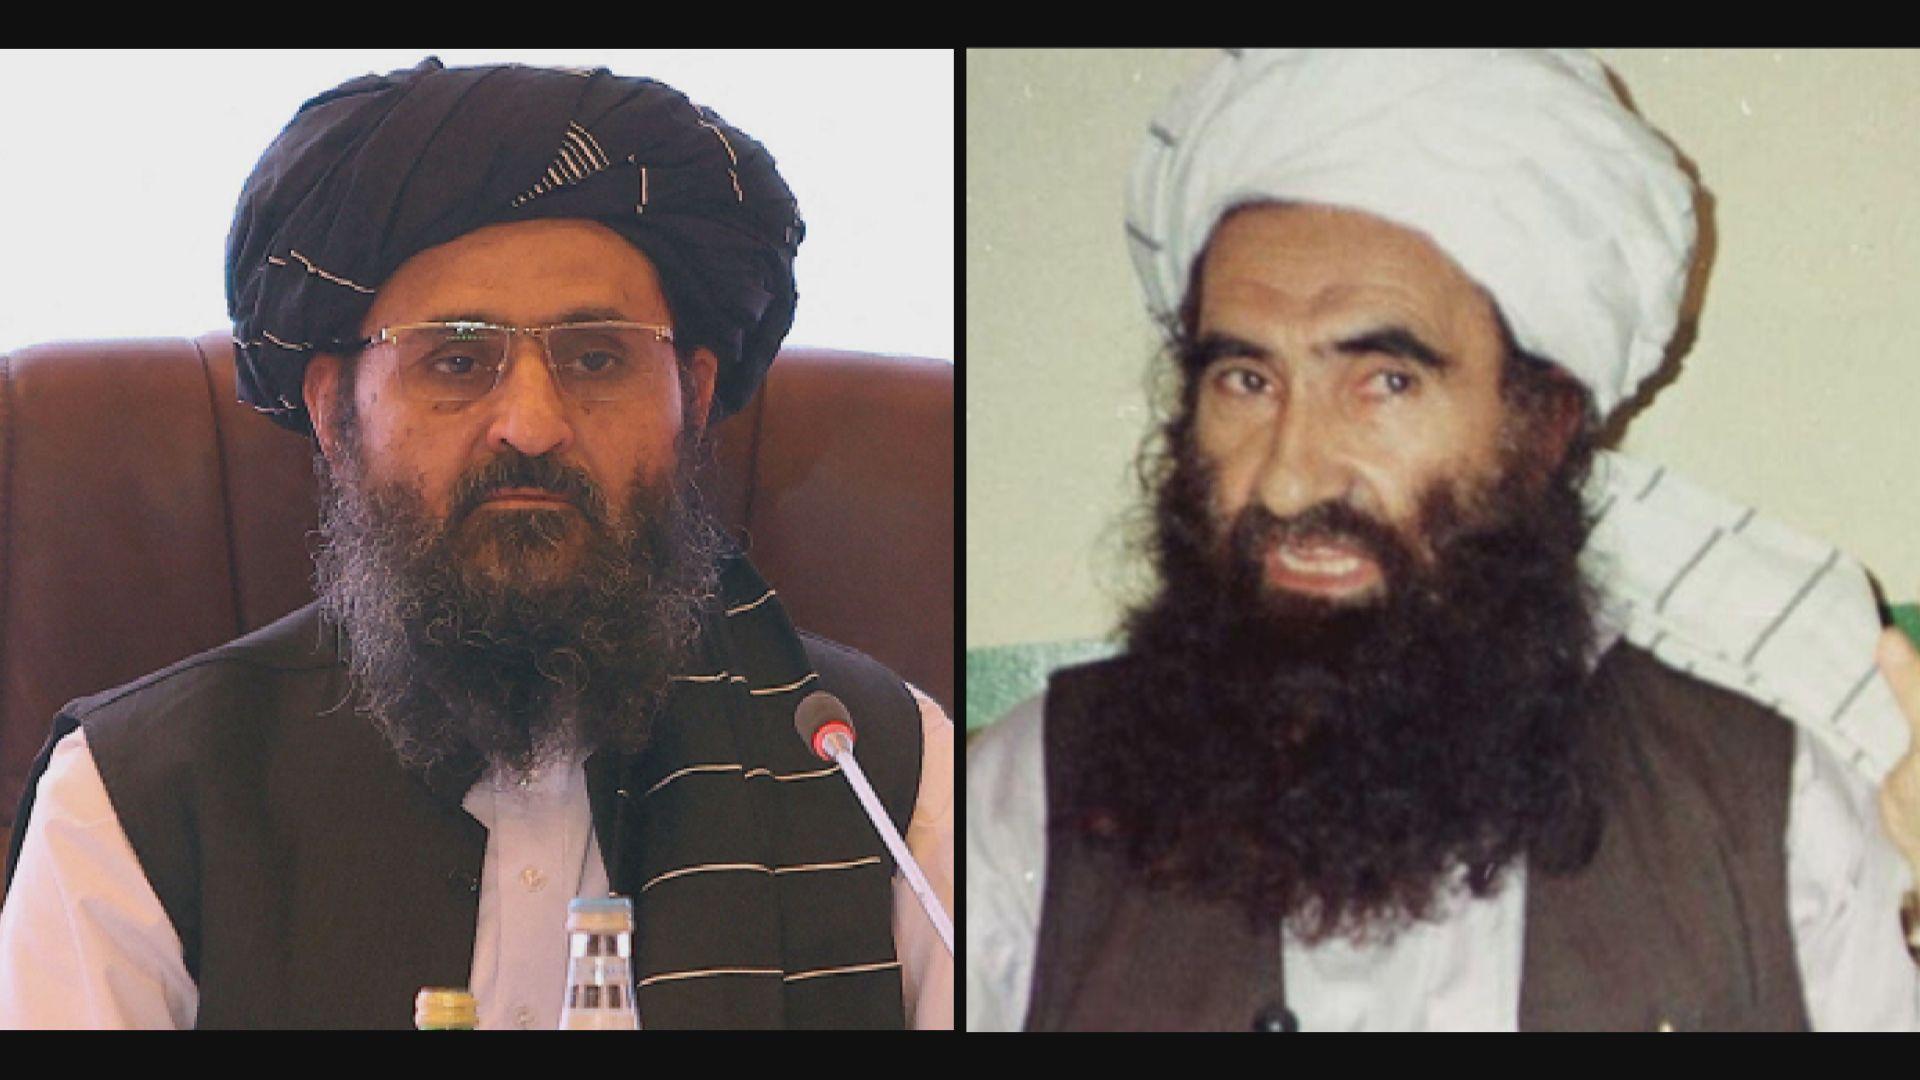 據報塔利班將成立12人委員會管治阿富汗